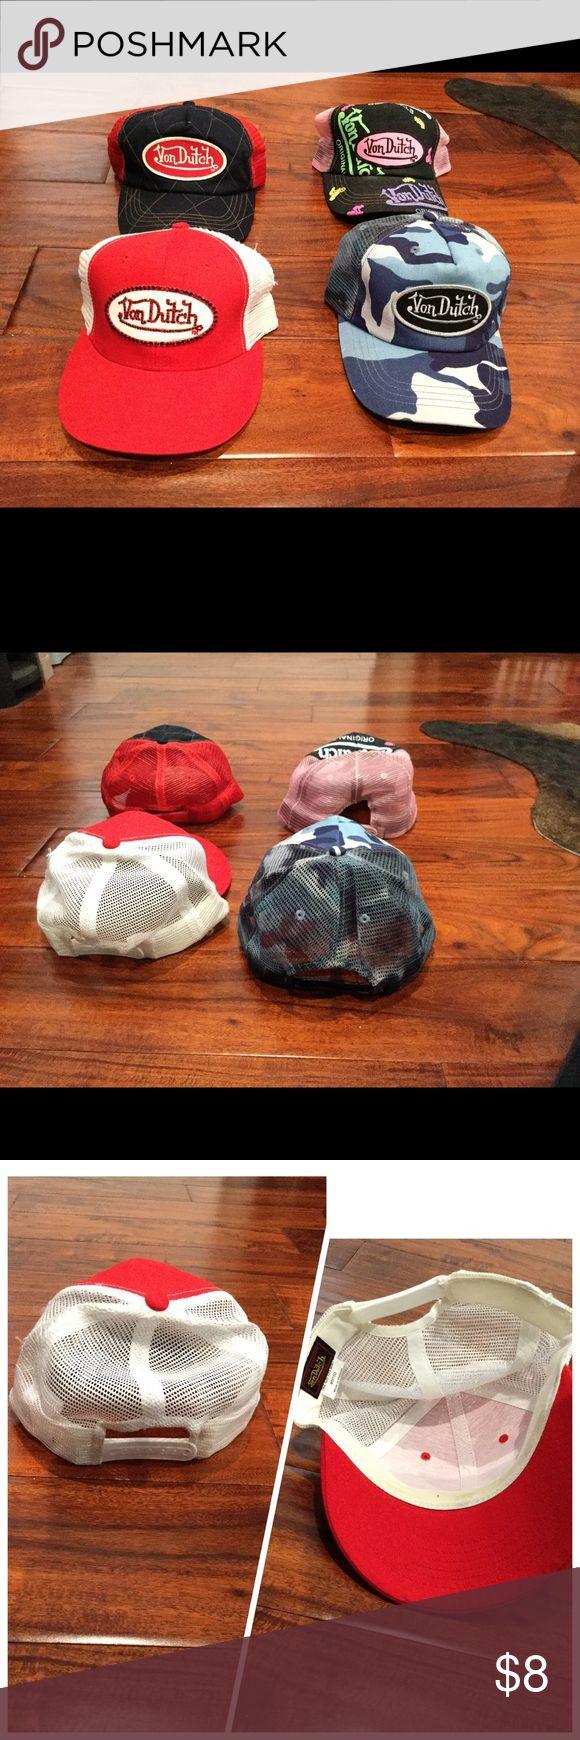 💯 Von Dutch Hats Authentic Von Dutch trucker hats. Adjustable with Mesh back. Only the pink denim hat is available. excellent condition. $8 Von Dutch Accessories Hats